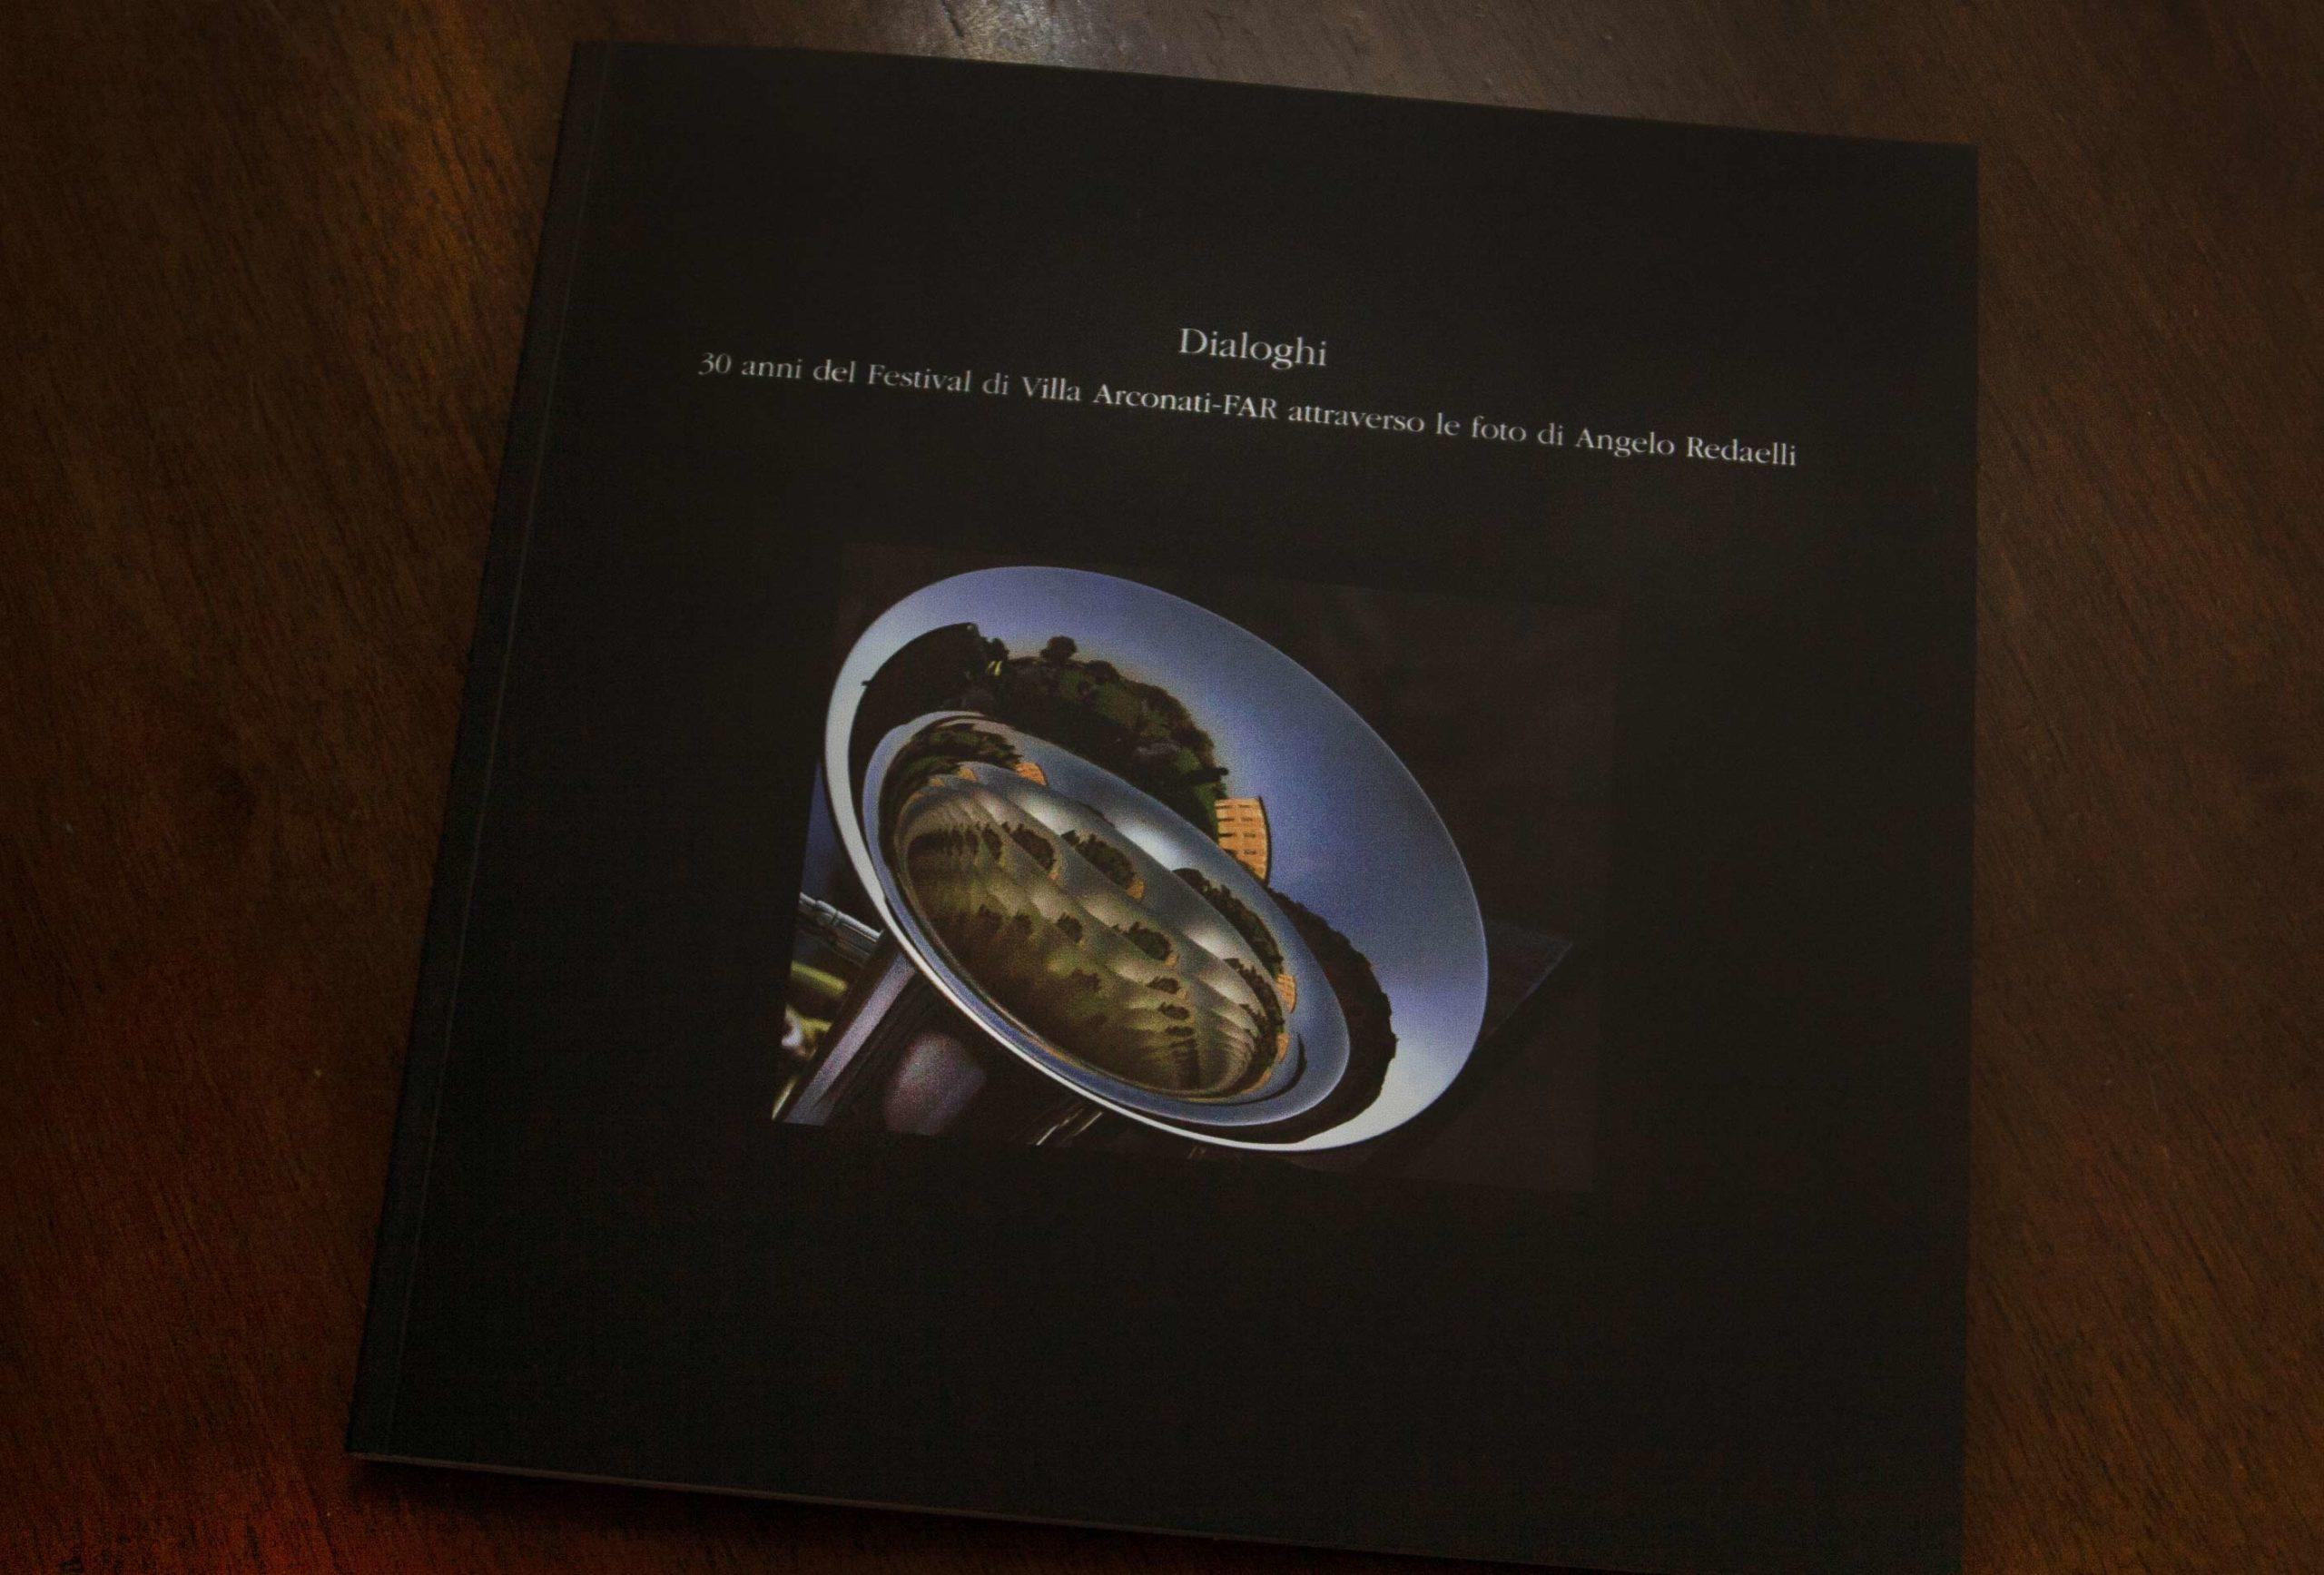 dialoghi-libro-angelo-redaelli-copertina